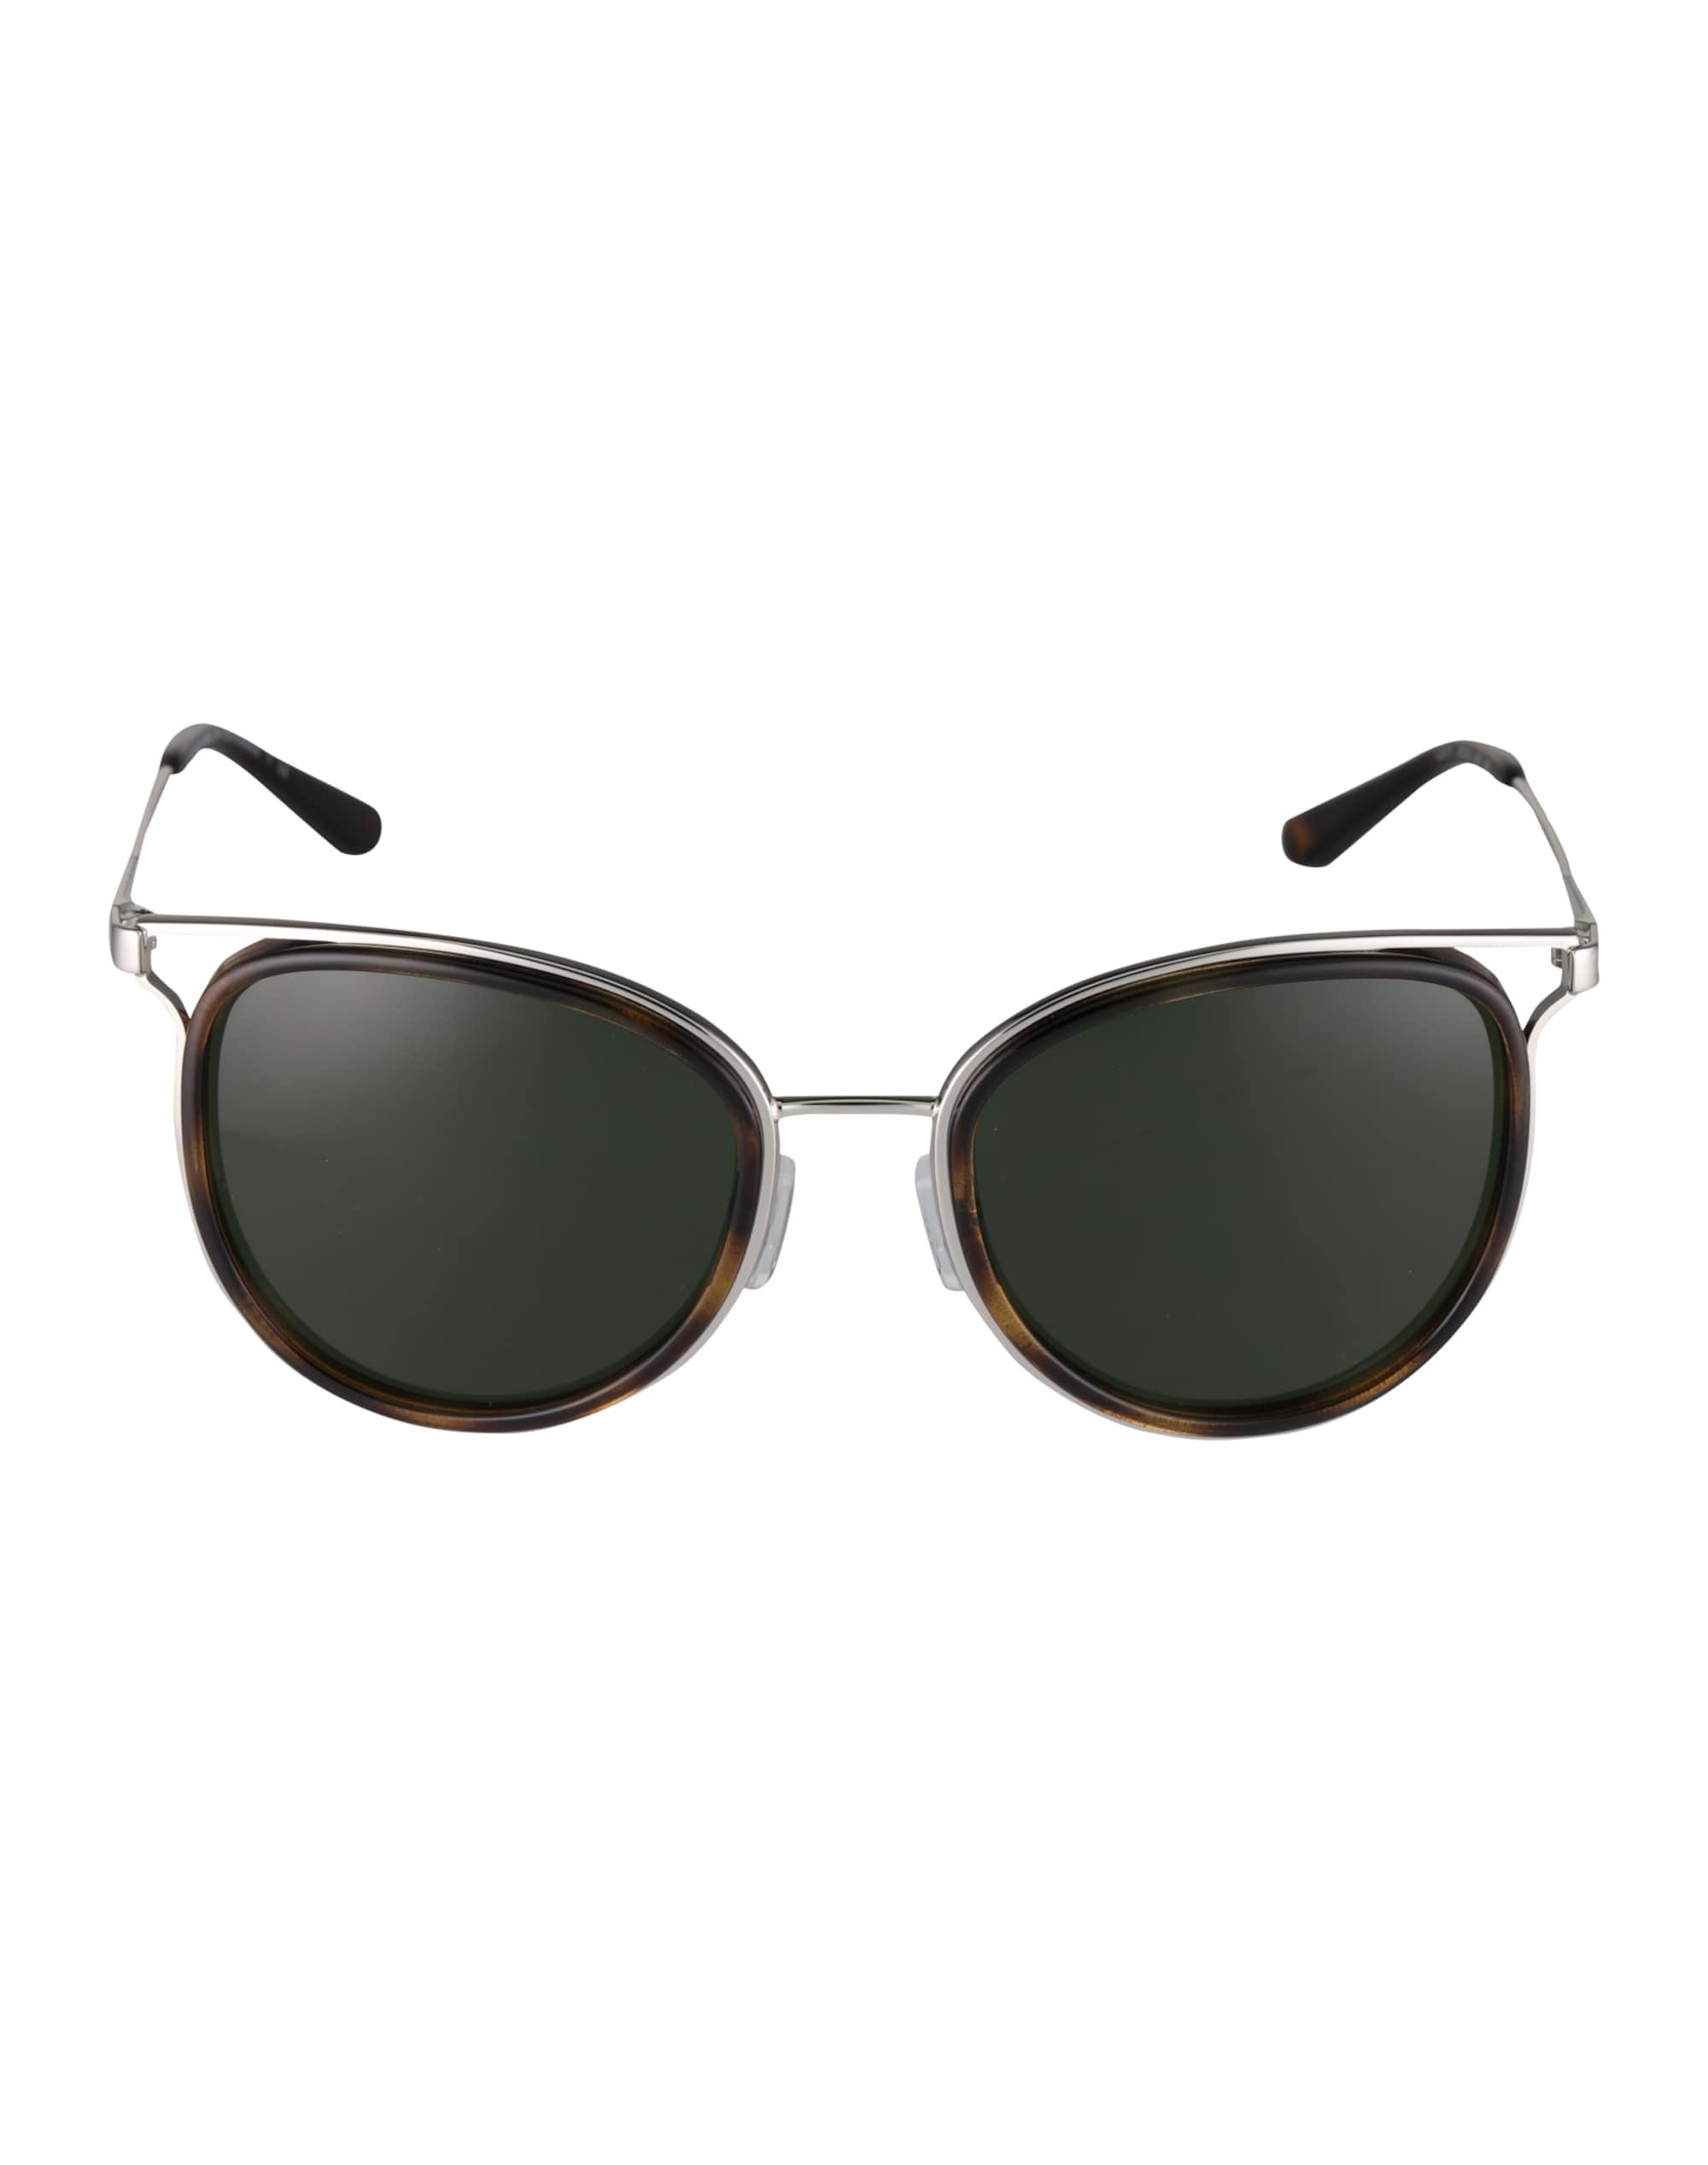 Michael Kors Okulary przeciwsłoneczne  brązowy / zielony / srebrny